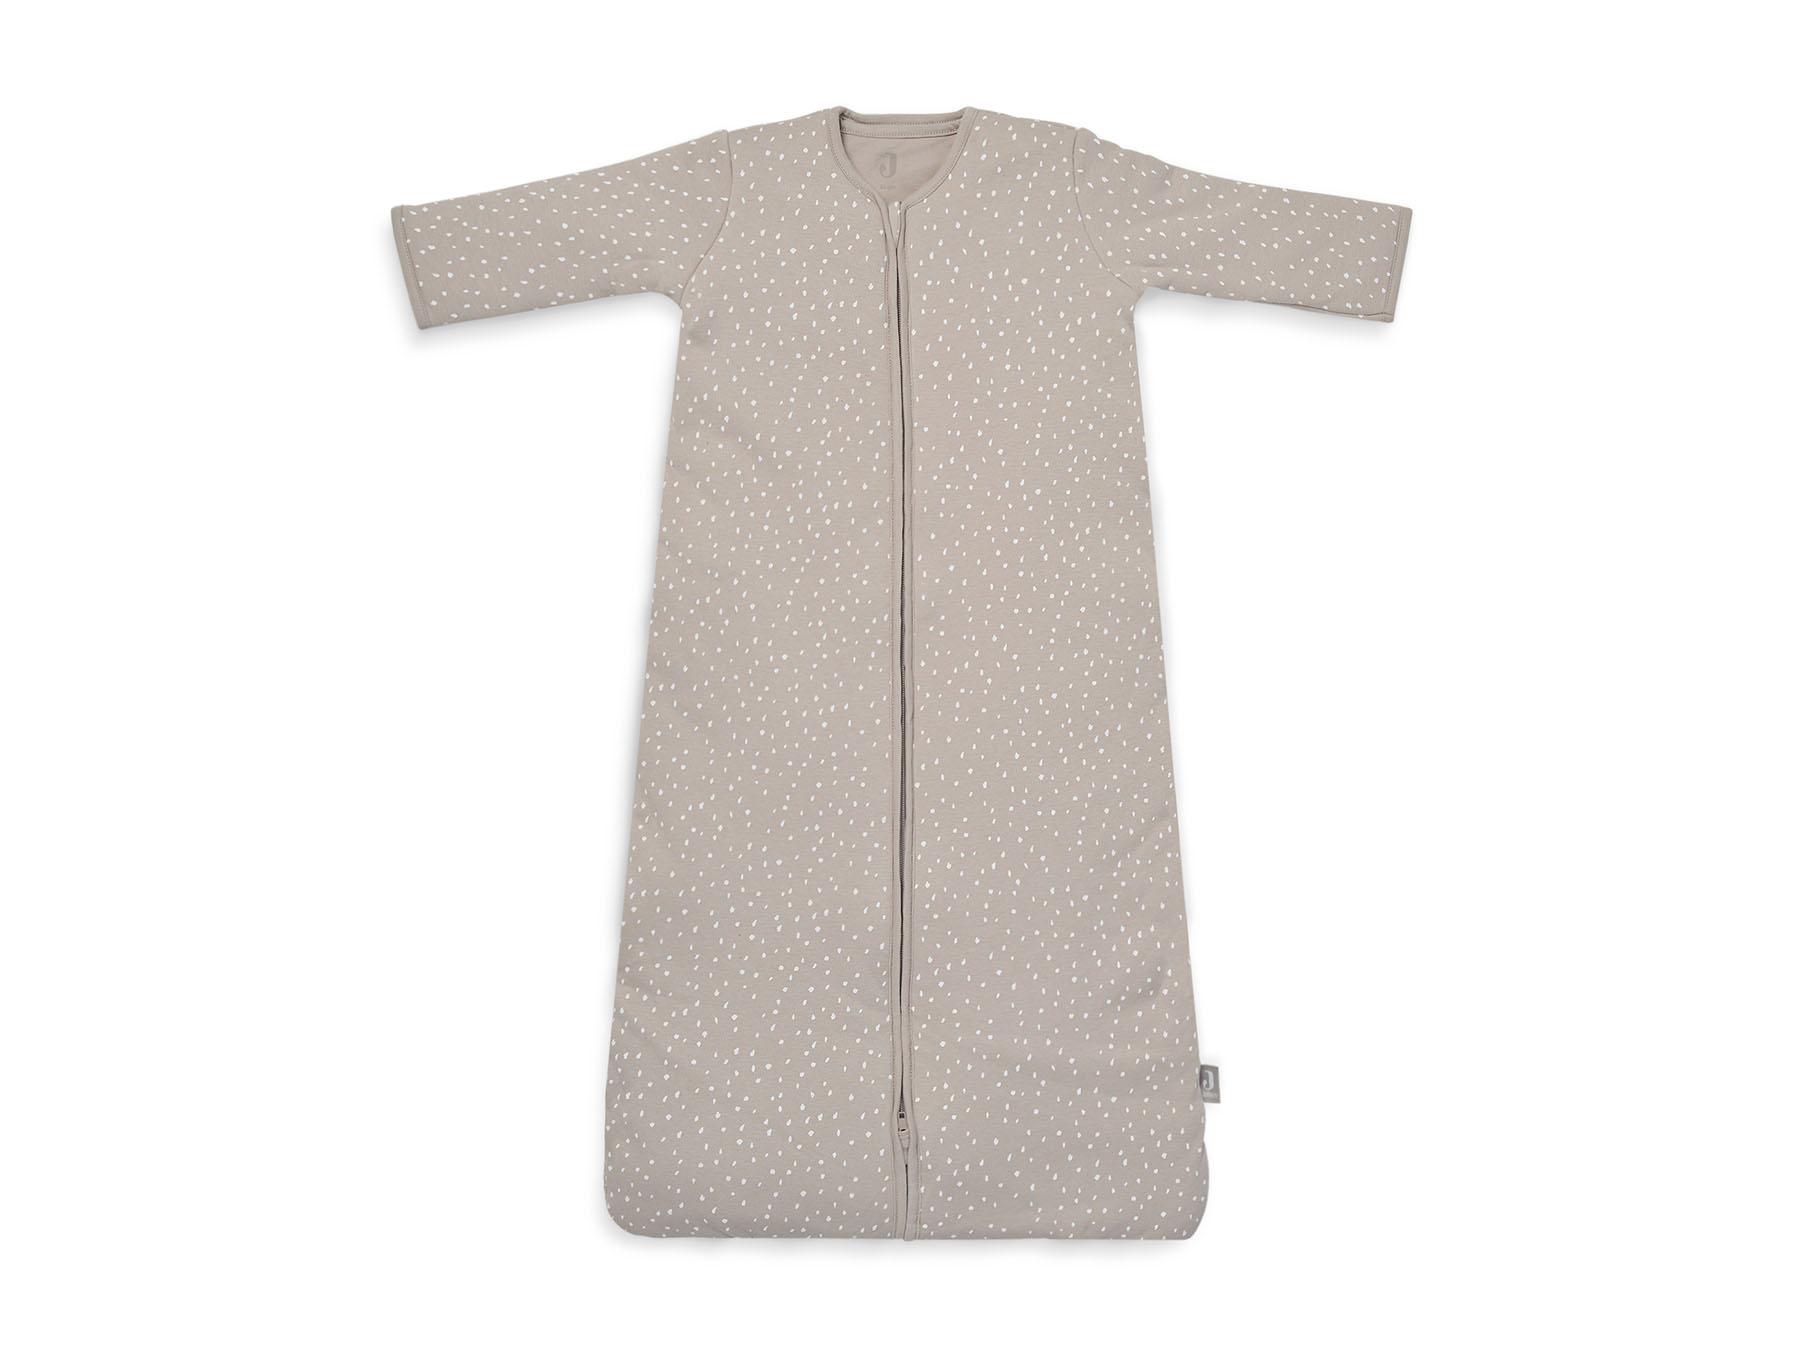 Schlafsack 4 Jahreszeiten Spickle nougat (Gr. 90 cm)